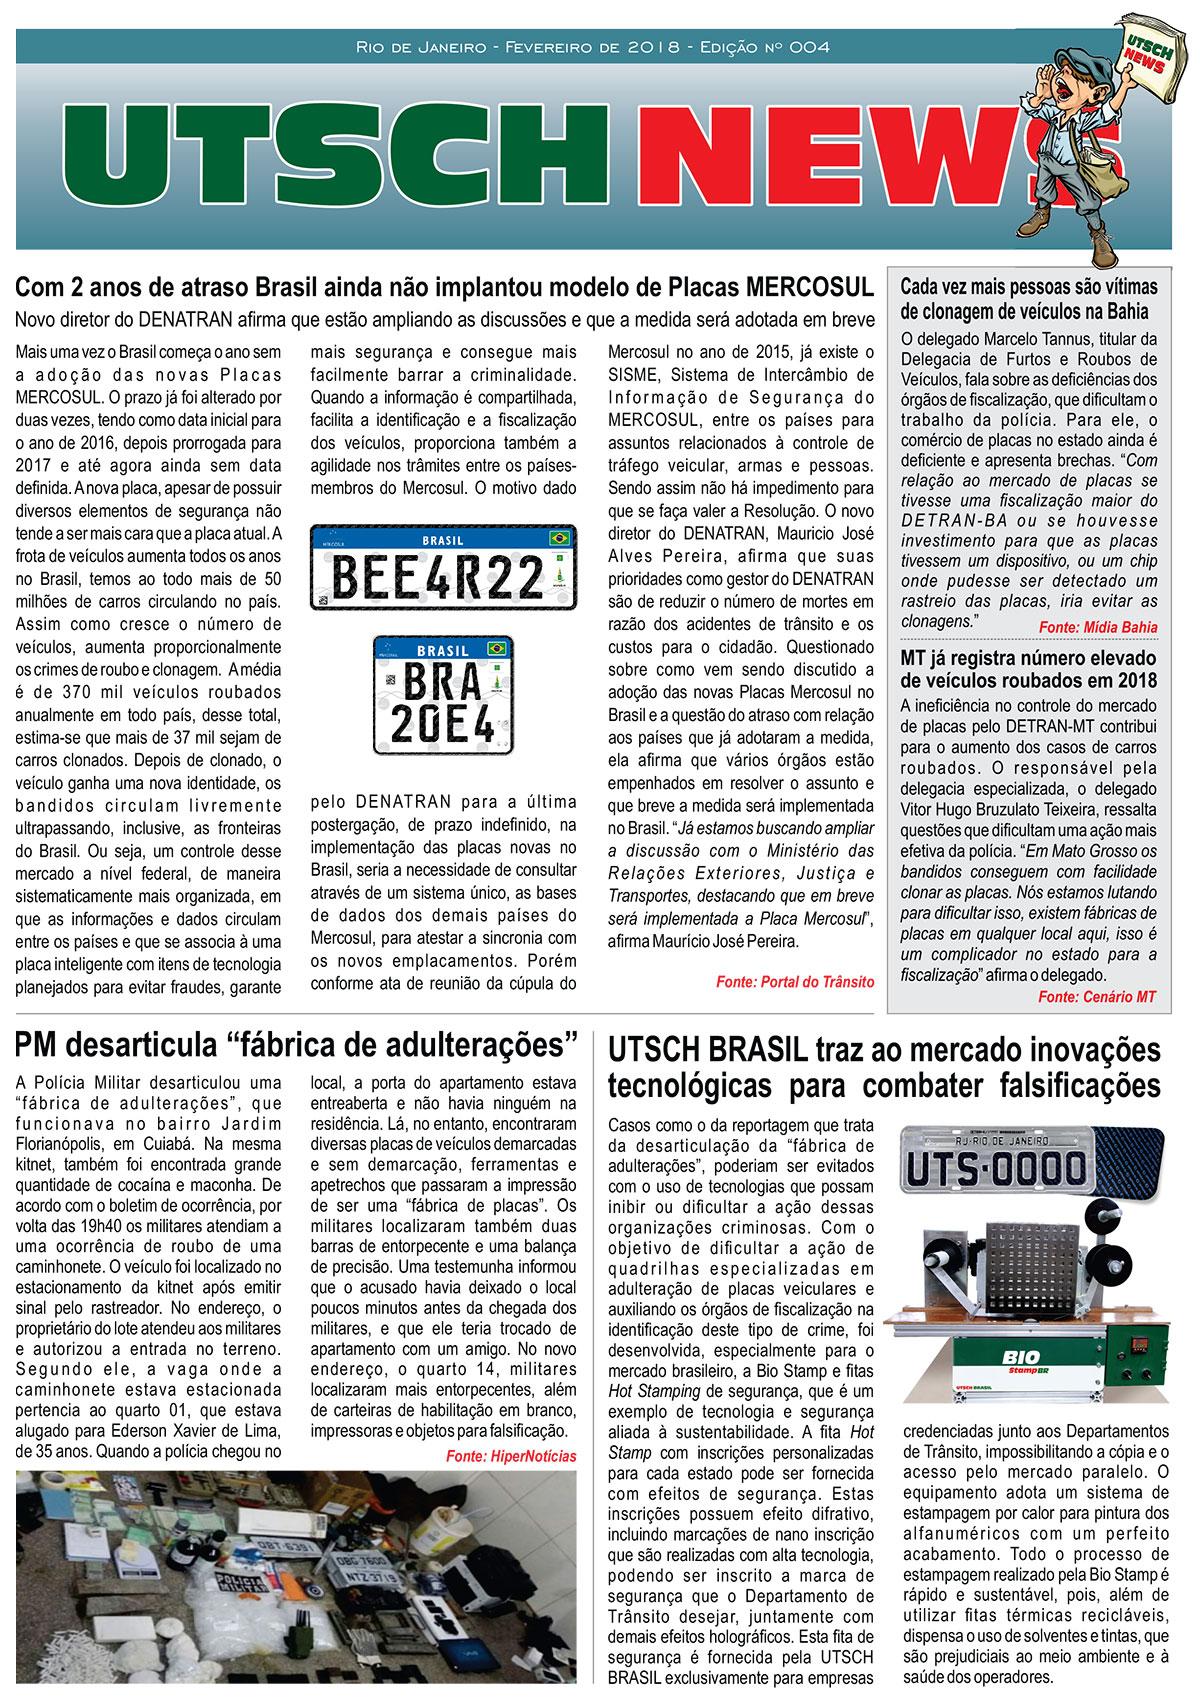 Jornal-UTSCH-BRASIL---edição-004